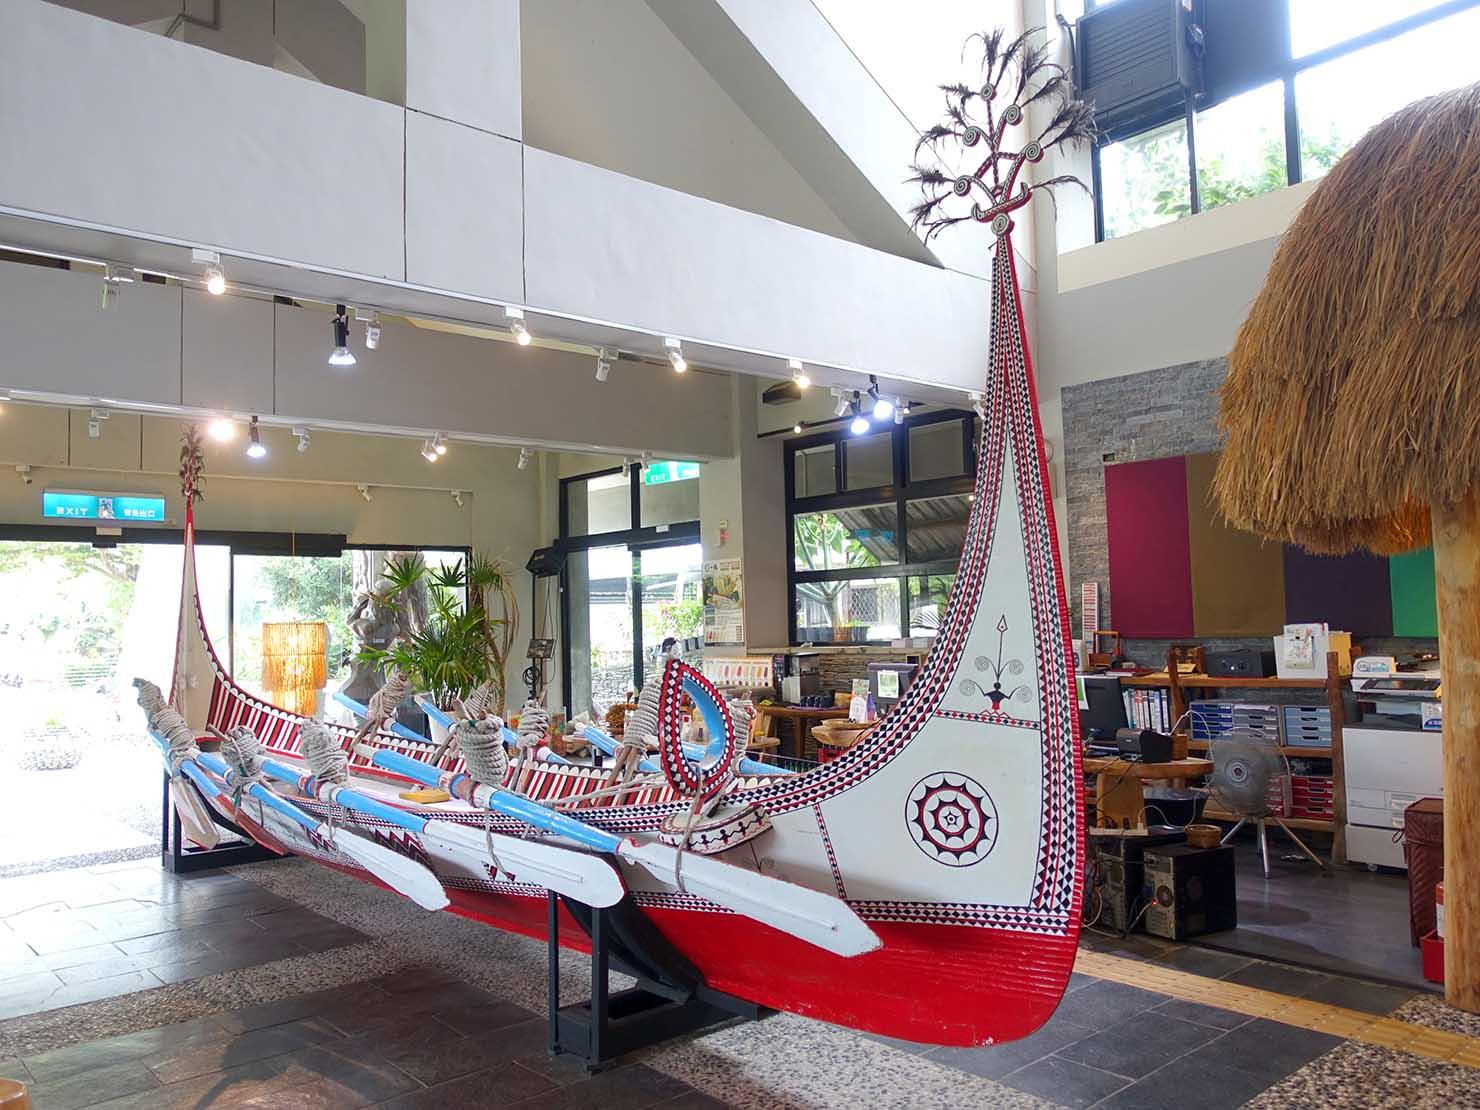 台湾・台東市街のおすすめホテル「MATA家屋」のエントランスに置かれたタオ族の船